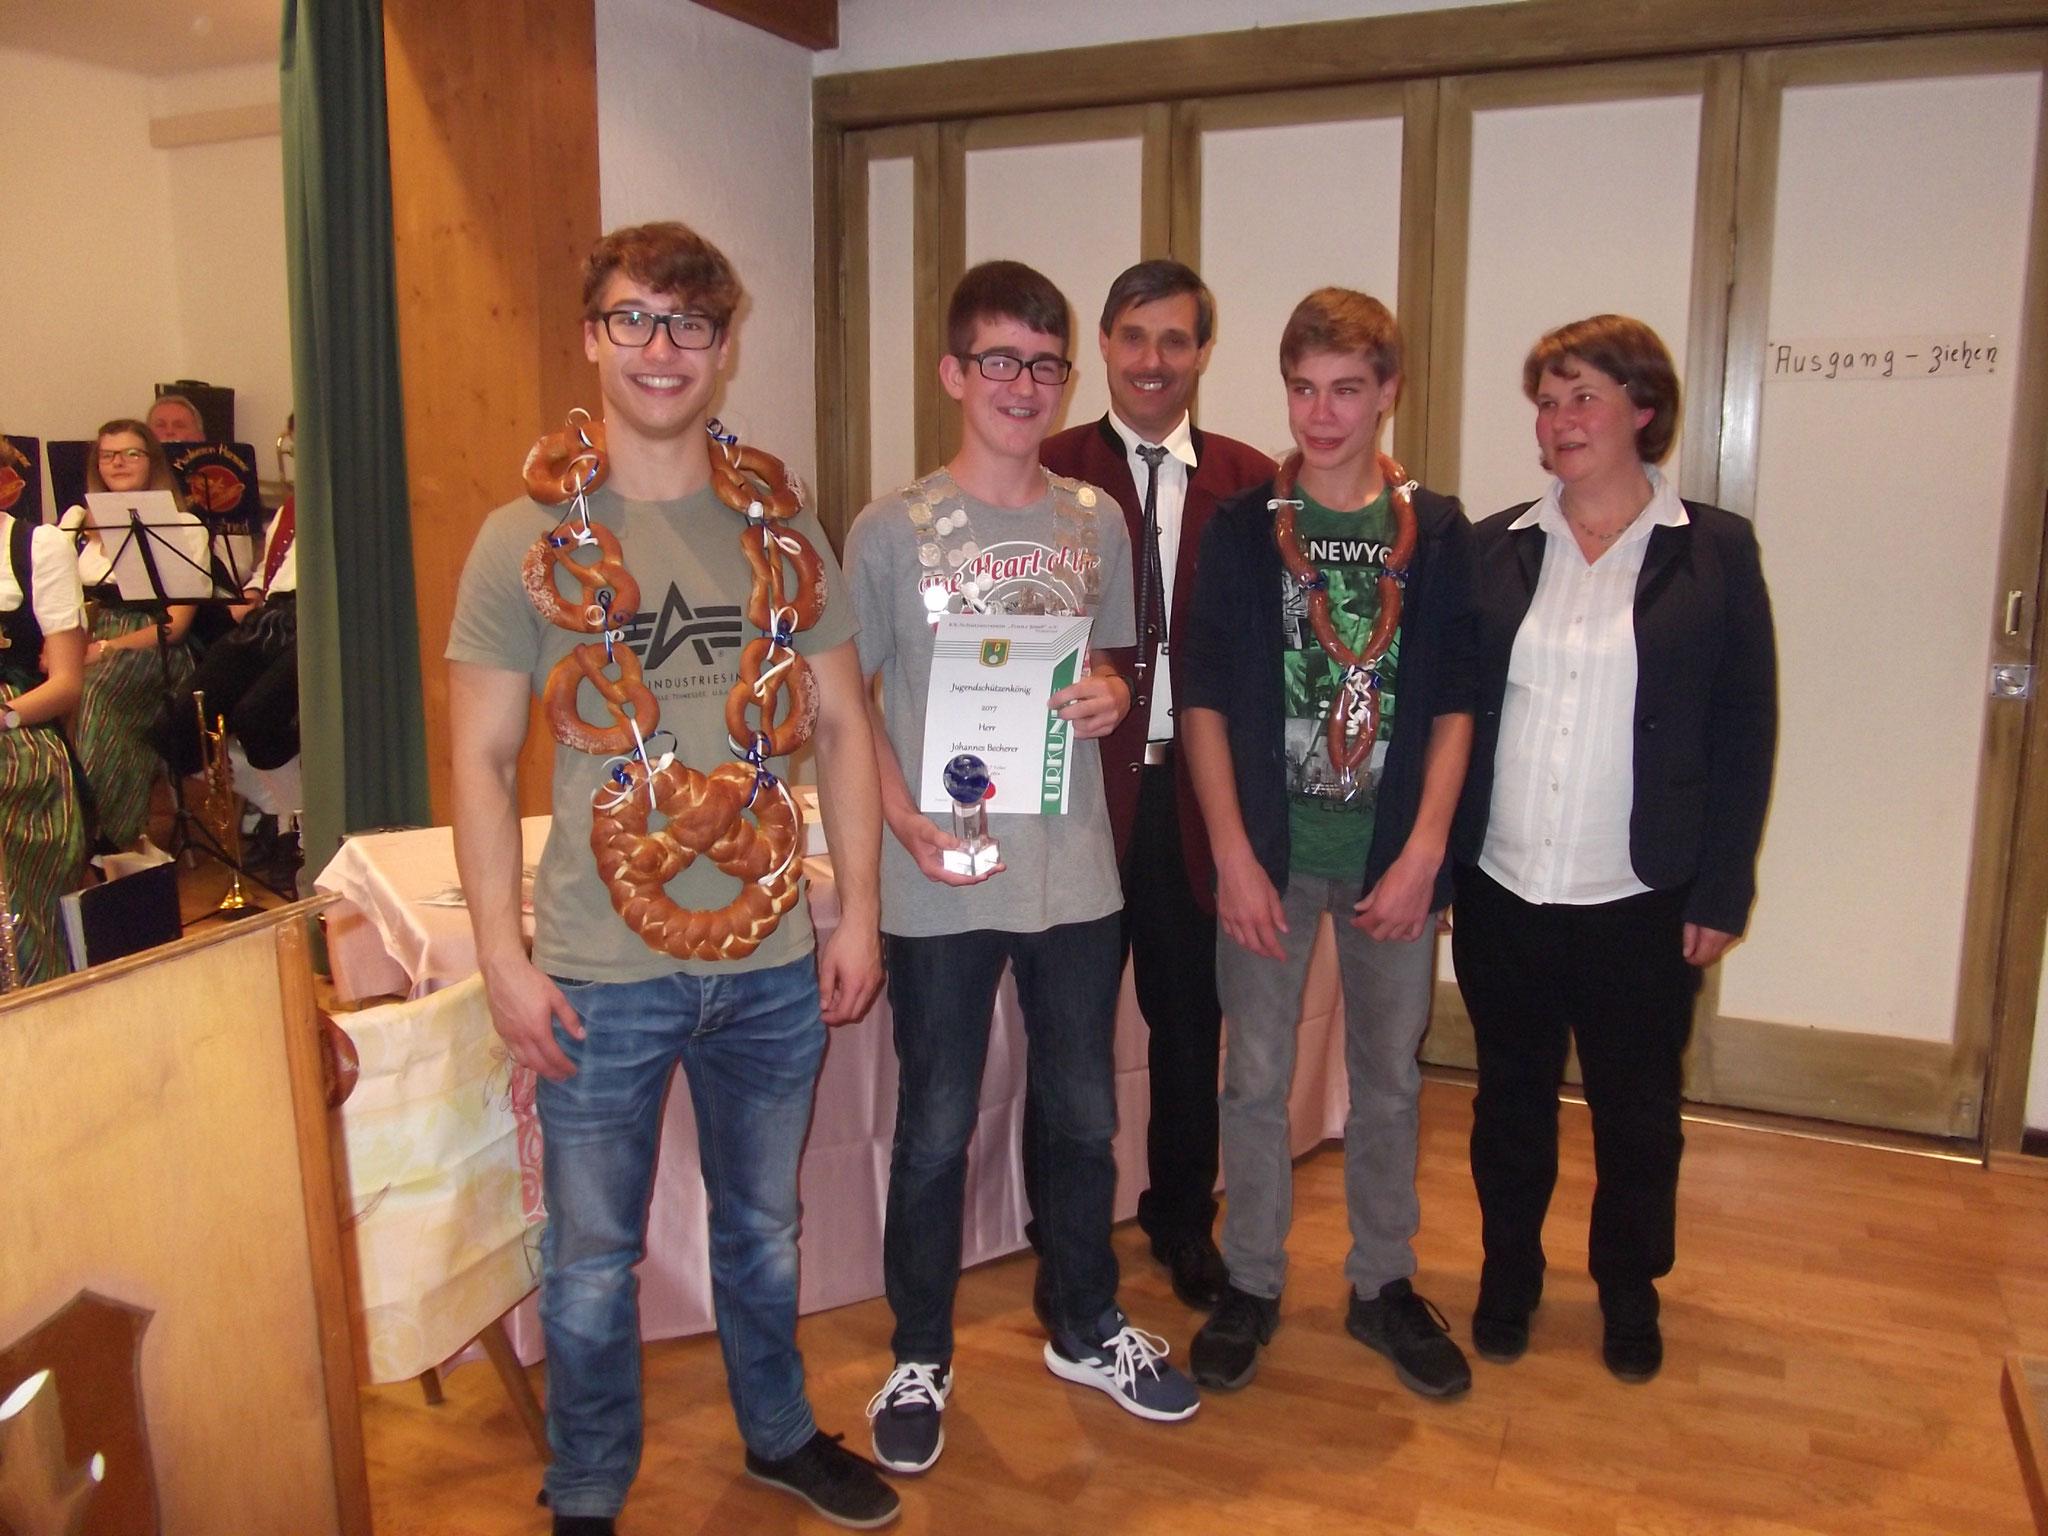 Jugendleiterin Heidi Wagner mit der Jugend bei der Preisverteilung 2017